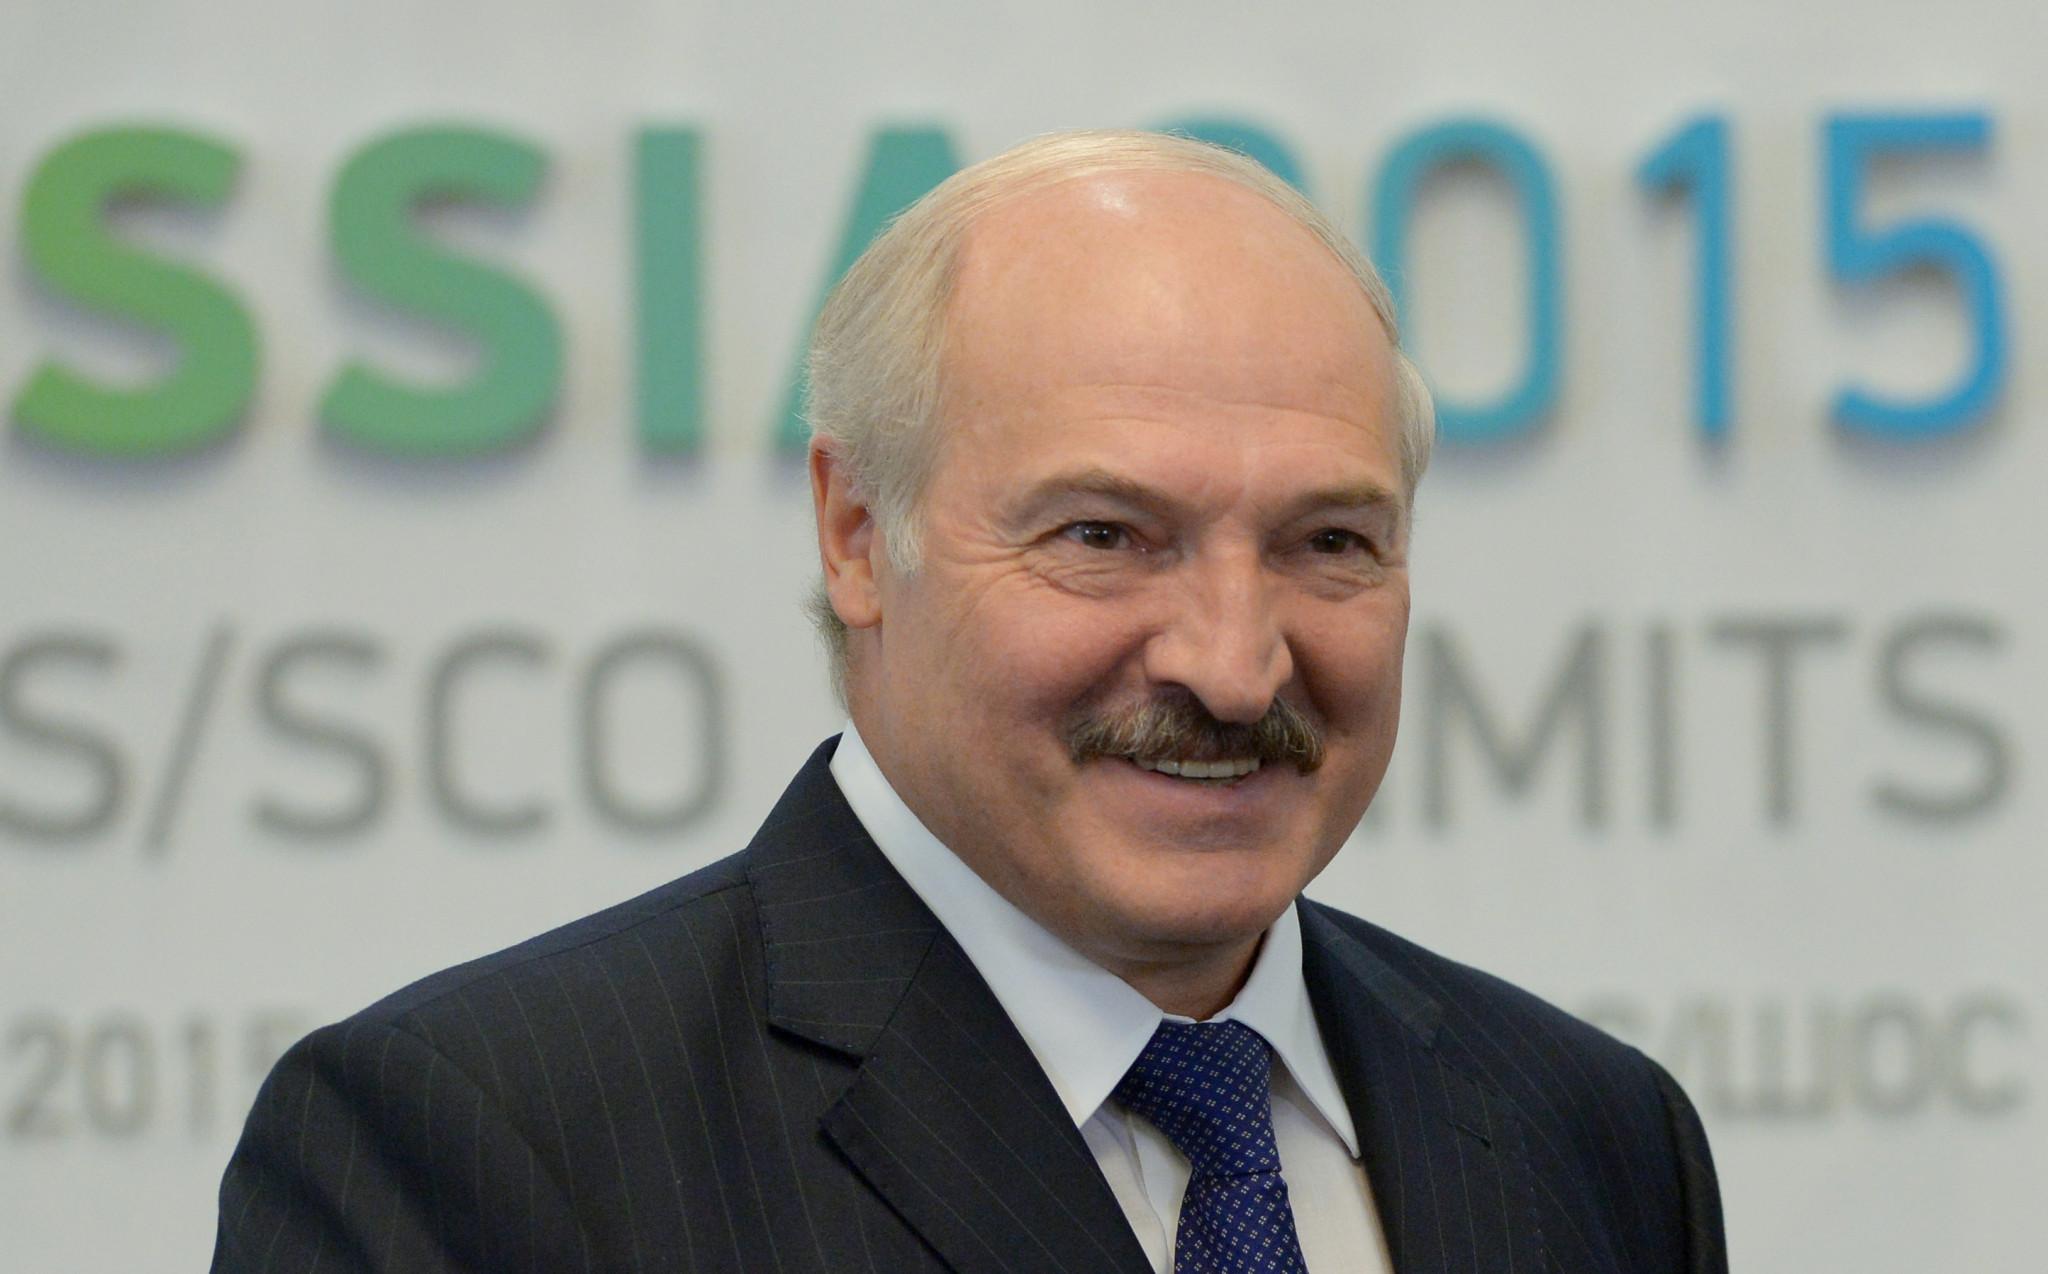 Alexander Lukashenko has been President of Belarus since 1994 ©Getty Images